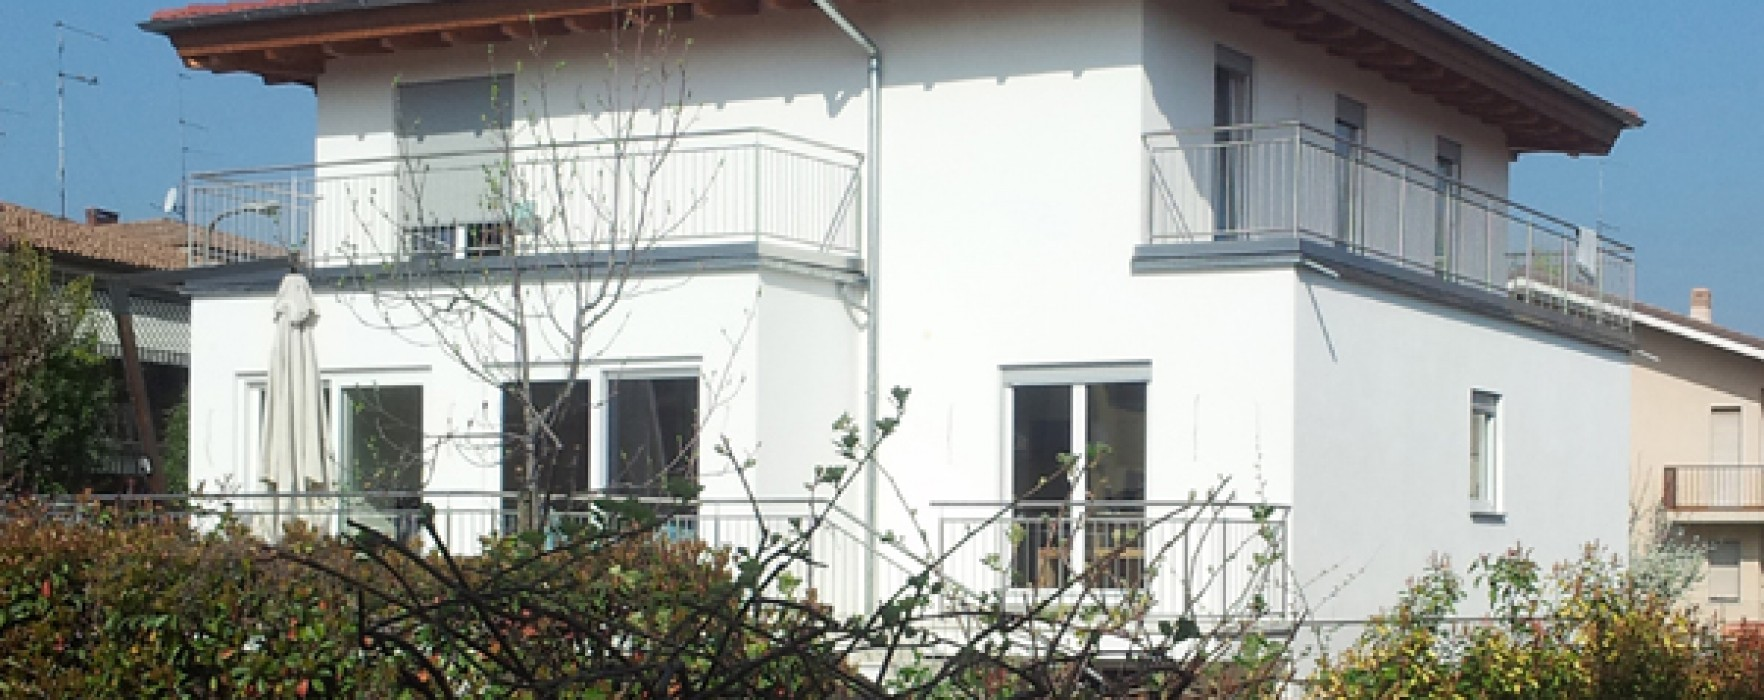 Ristrutturare le case prefabbricate for Case ristrutturate immagini